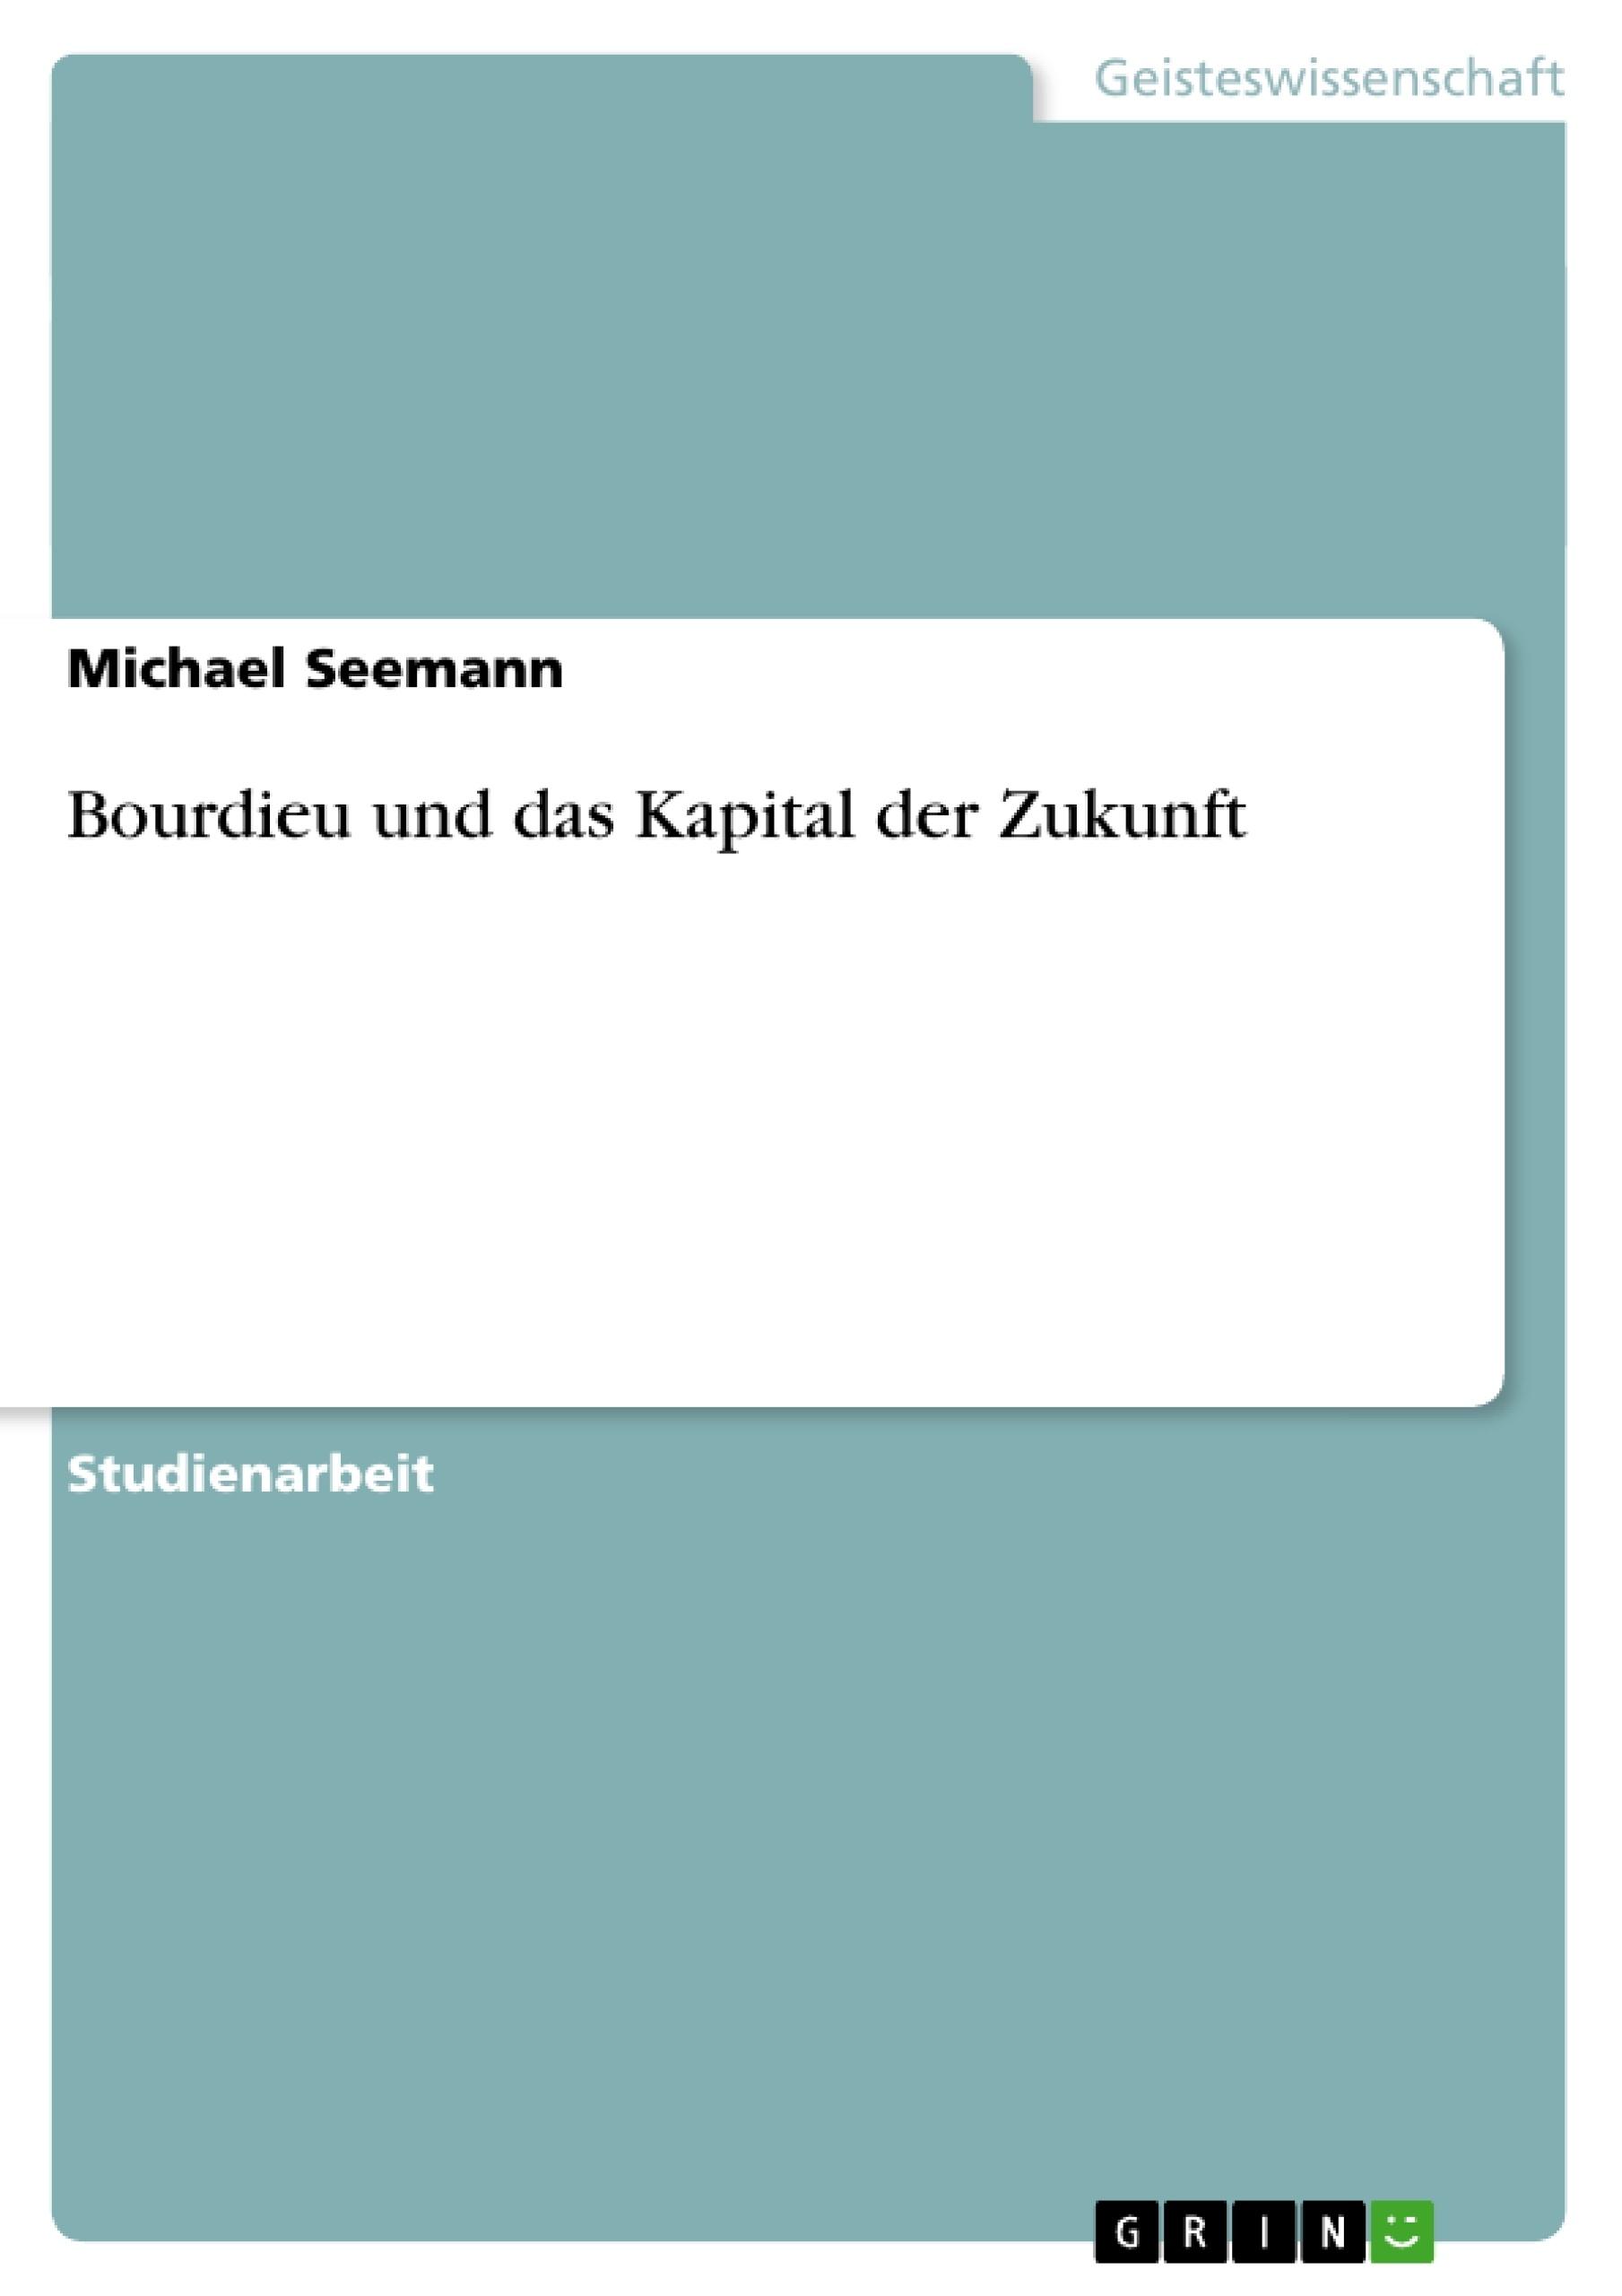 Titel: Bourdieu und das Kapital der Zukunft